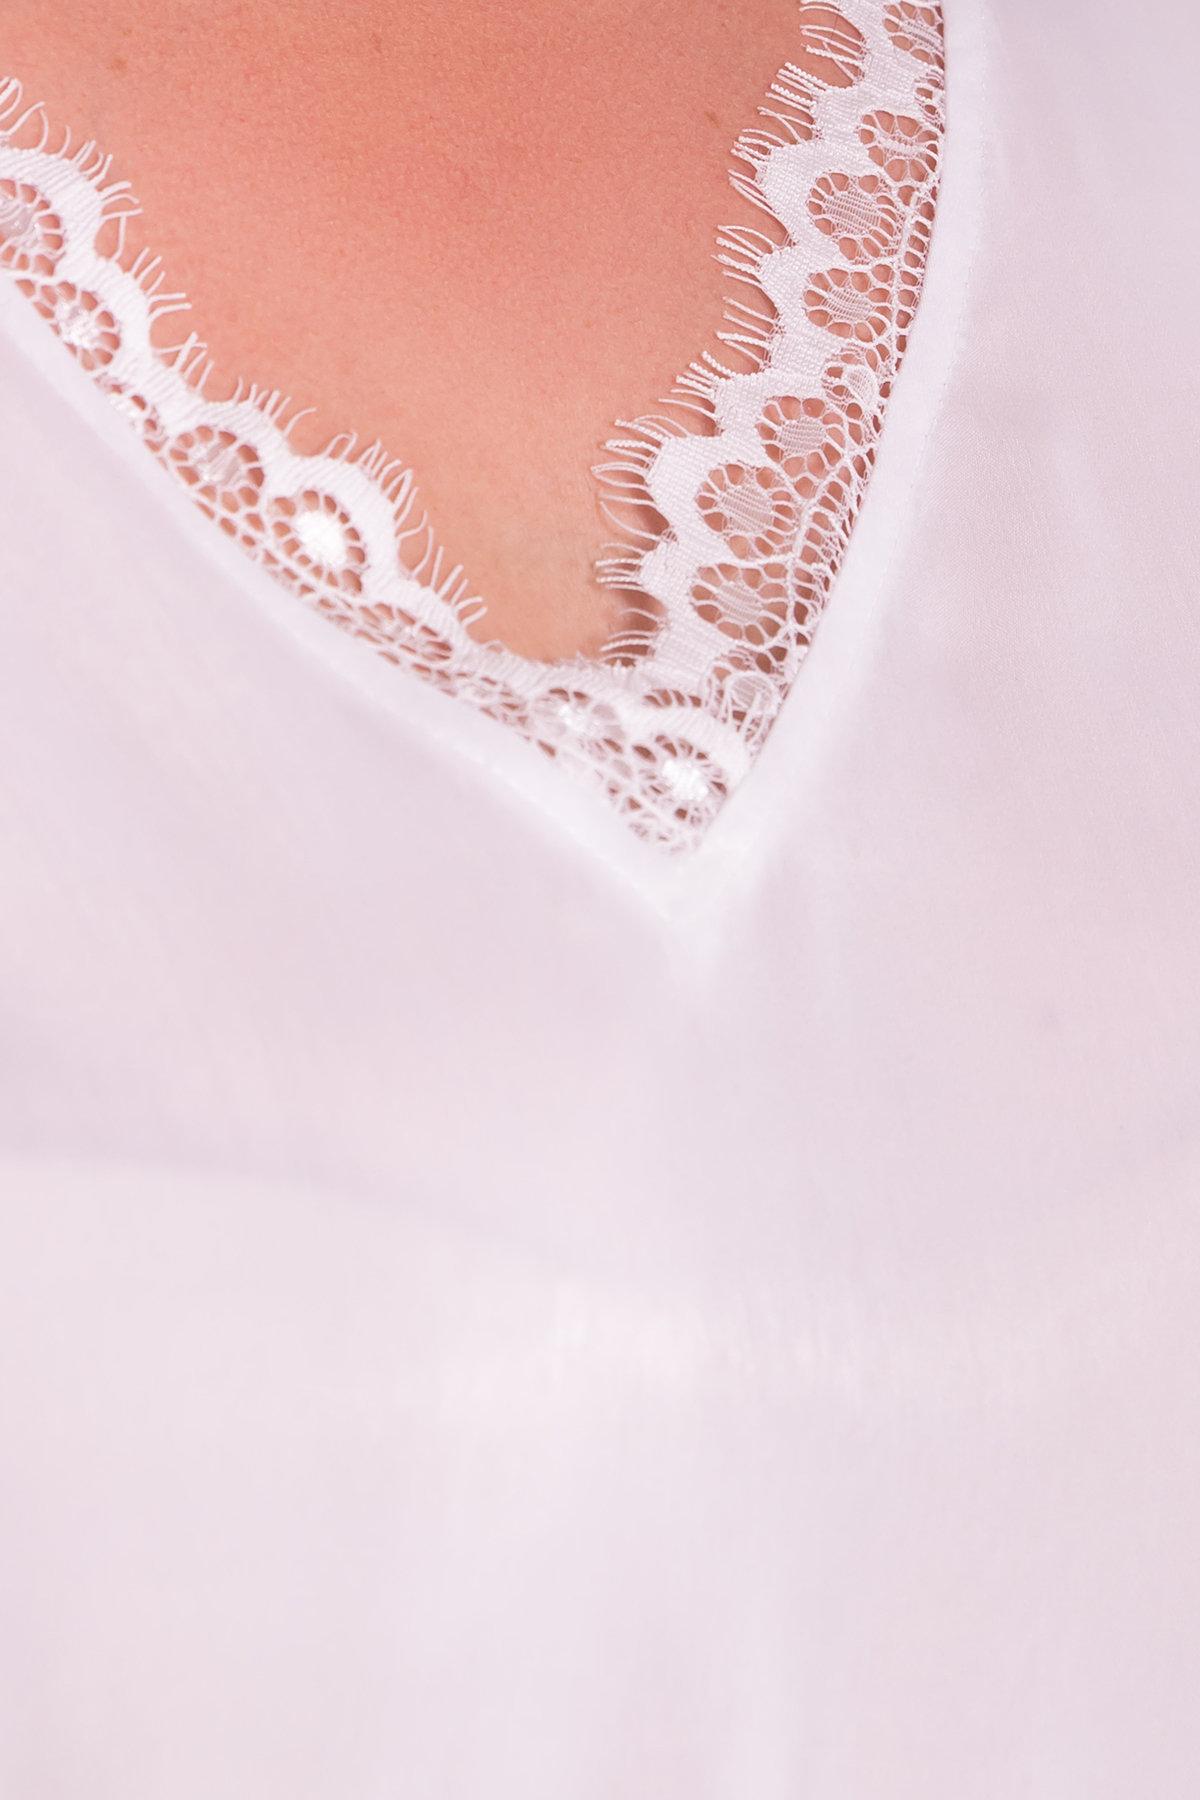 Топ Конти Donna 7564 АРТ. 43503 Цвет: Белый - фото 4, интернет магазин tm-modus.ru